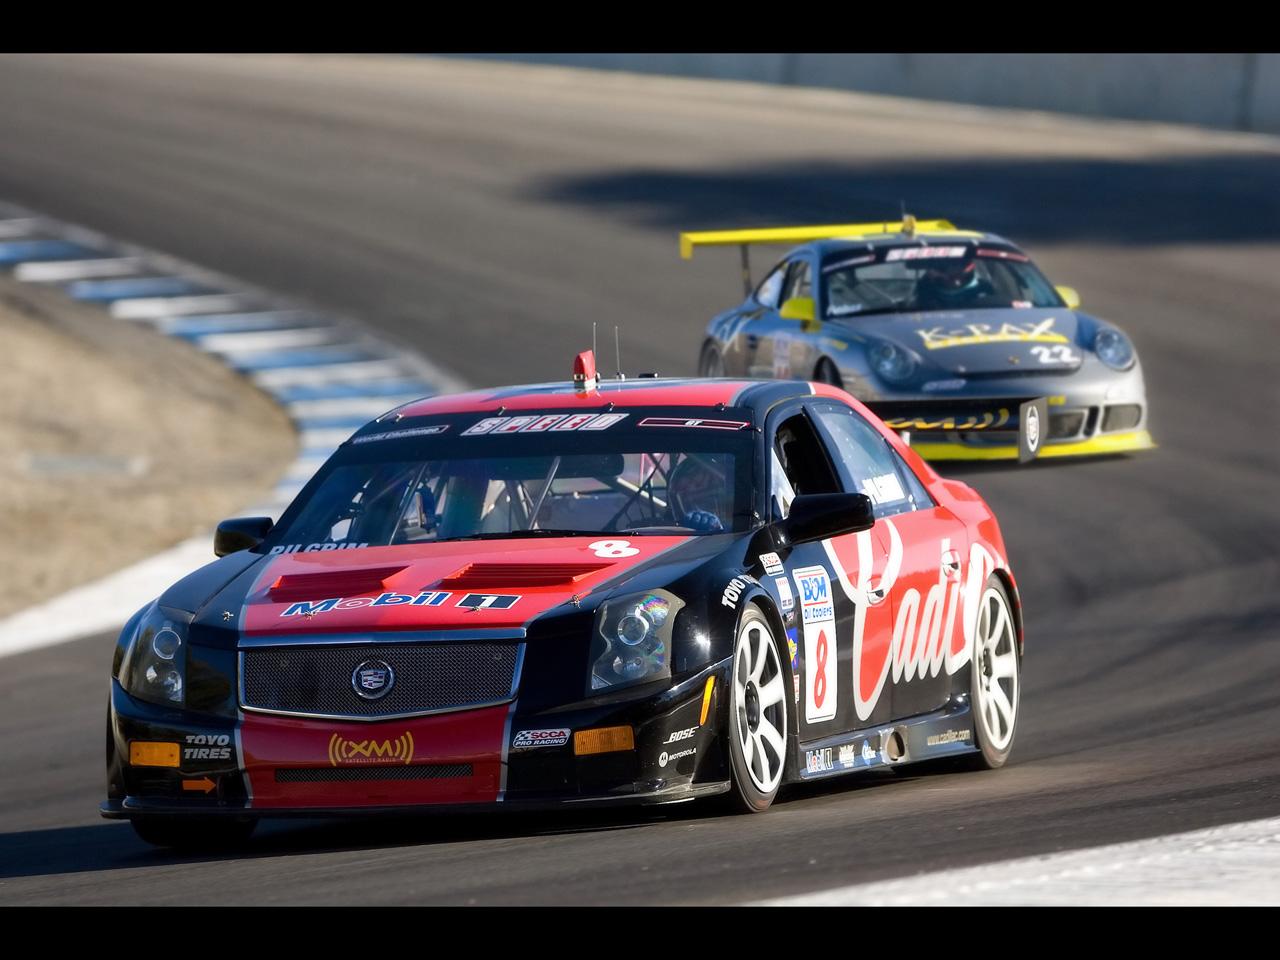 2007 Cadillac CTS V Racing   Laguna Seca 2   1280x960   Wallpaper 1280x960